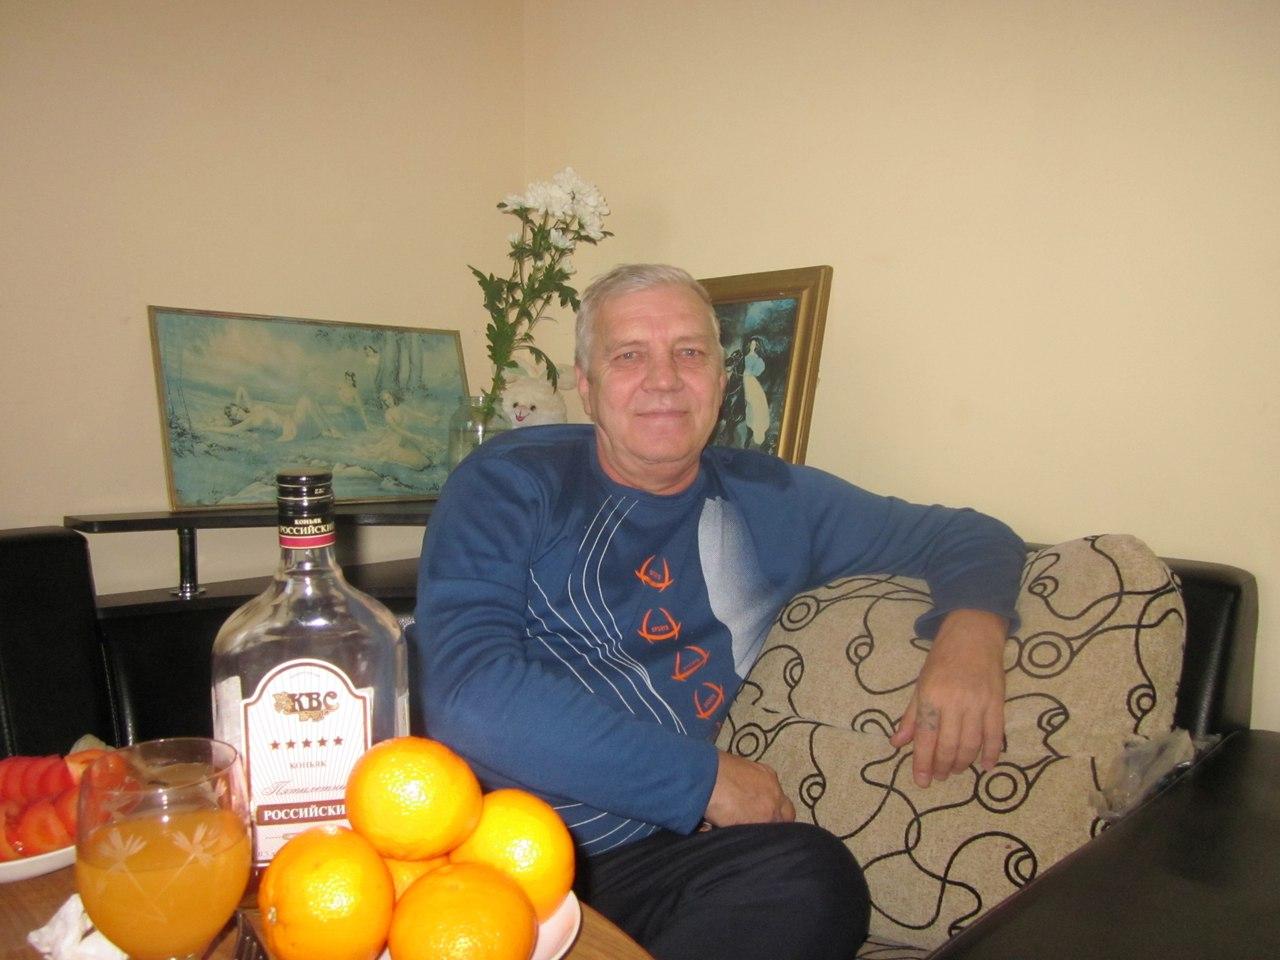 Сергей Ишмаев, Димитровград - фото №2